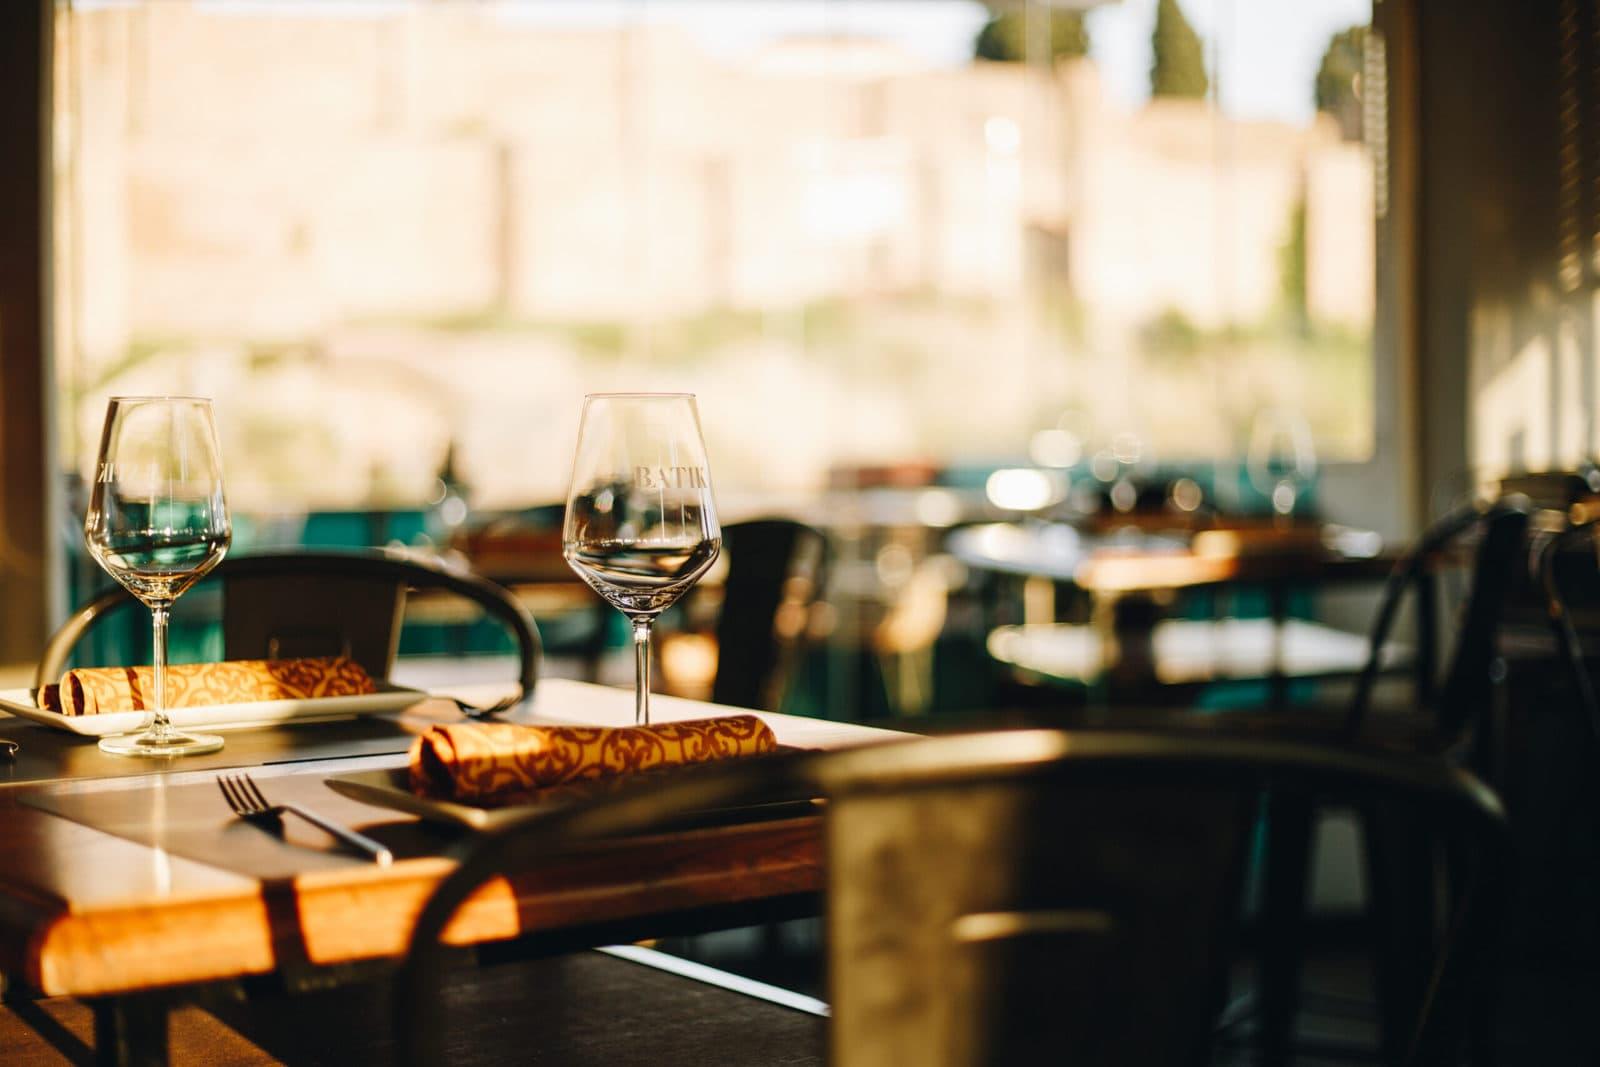 Ven a Restaurante Batik en pleno centro de Málaga